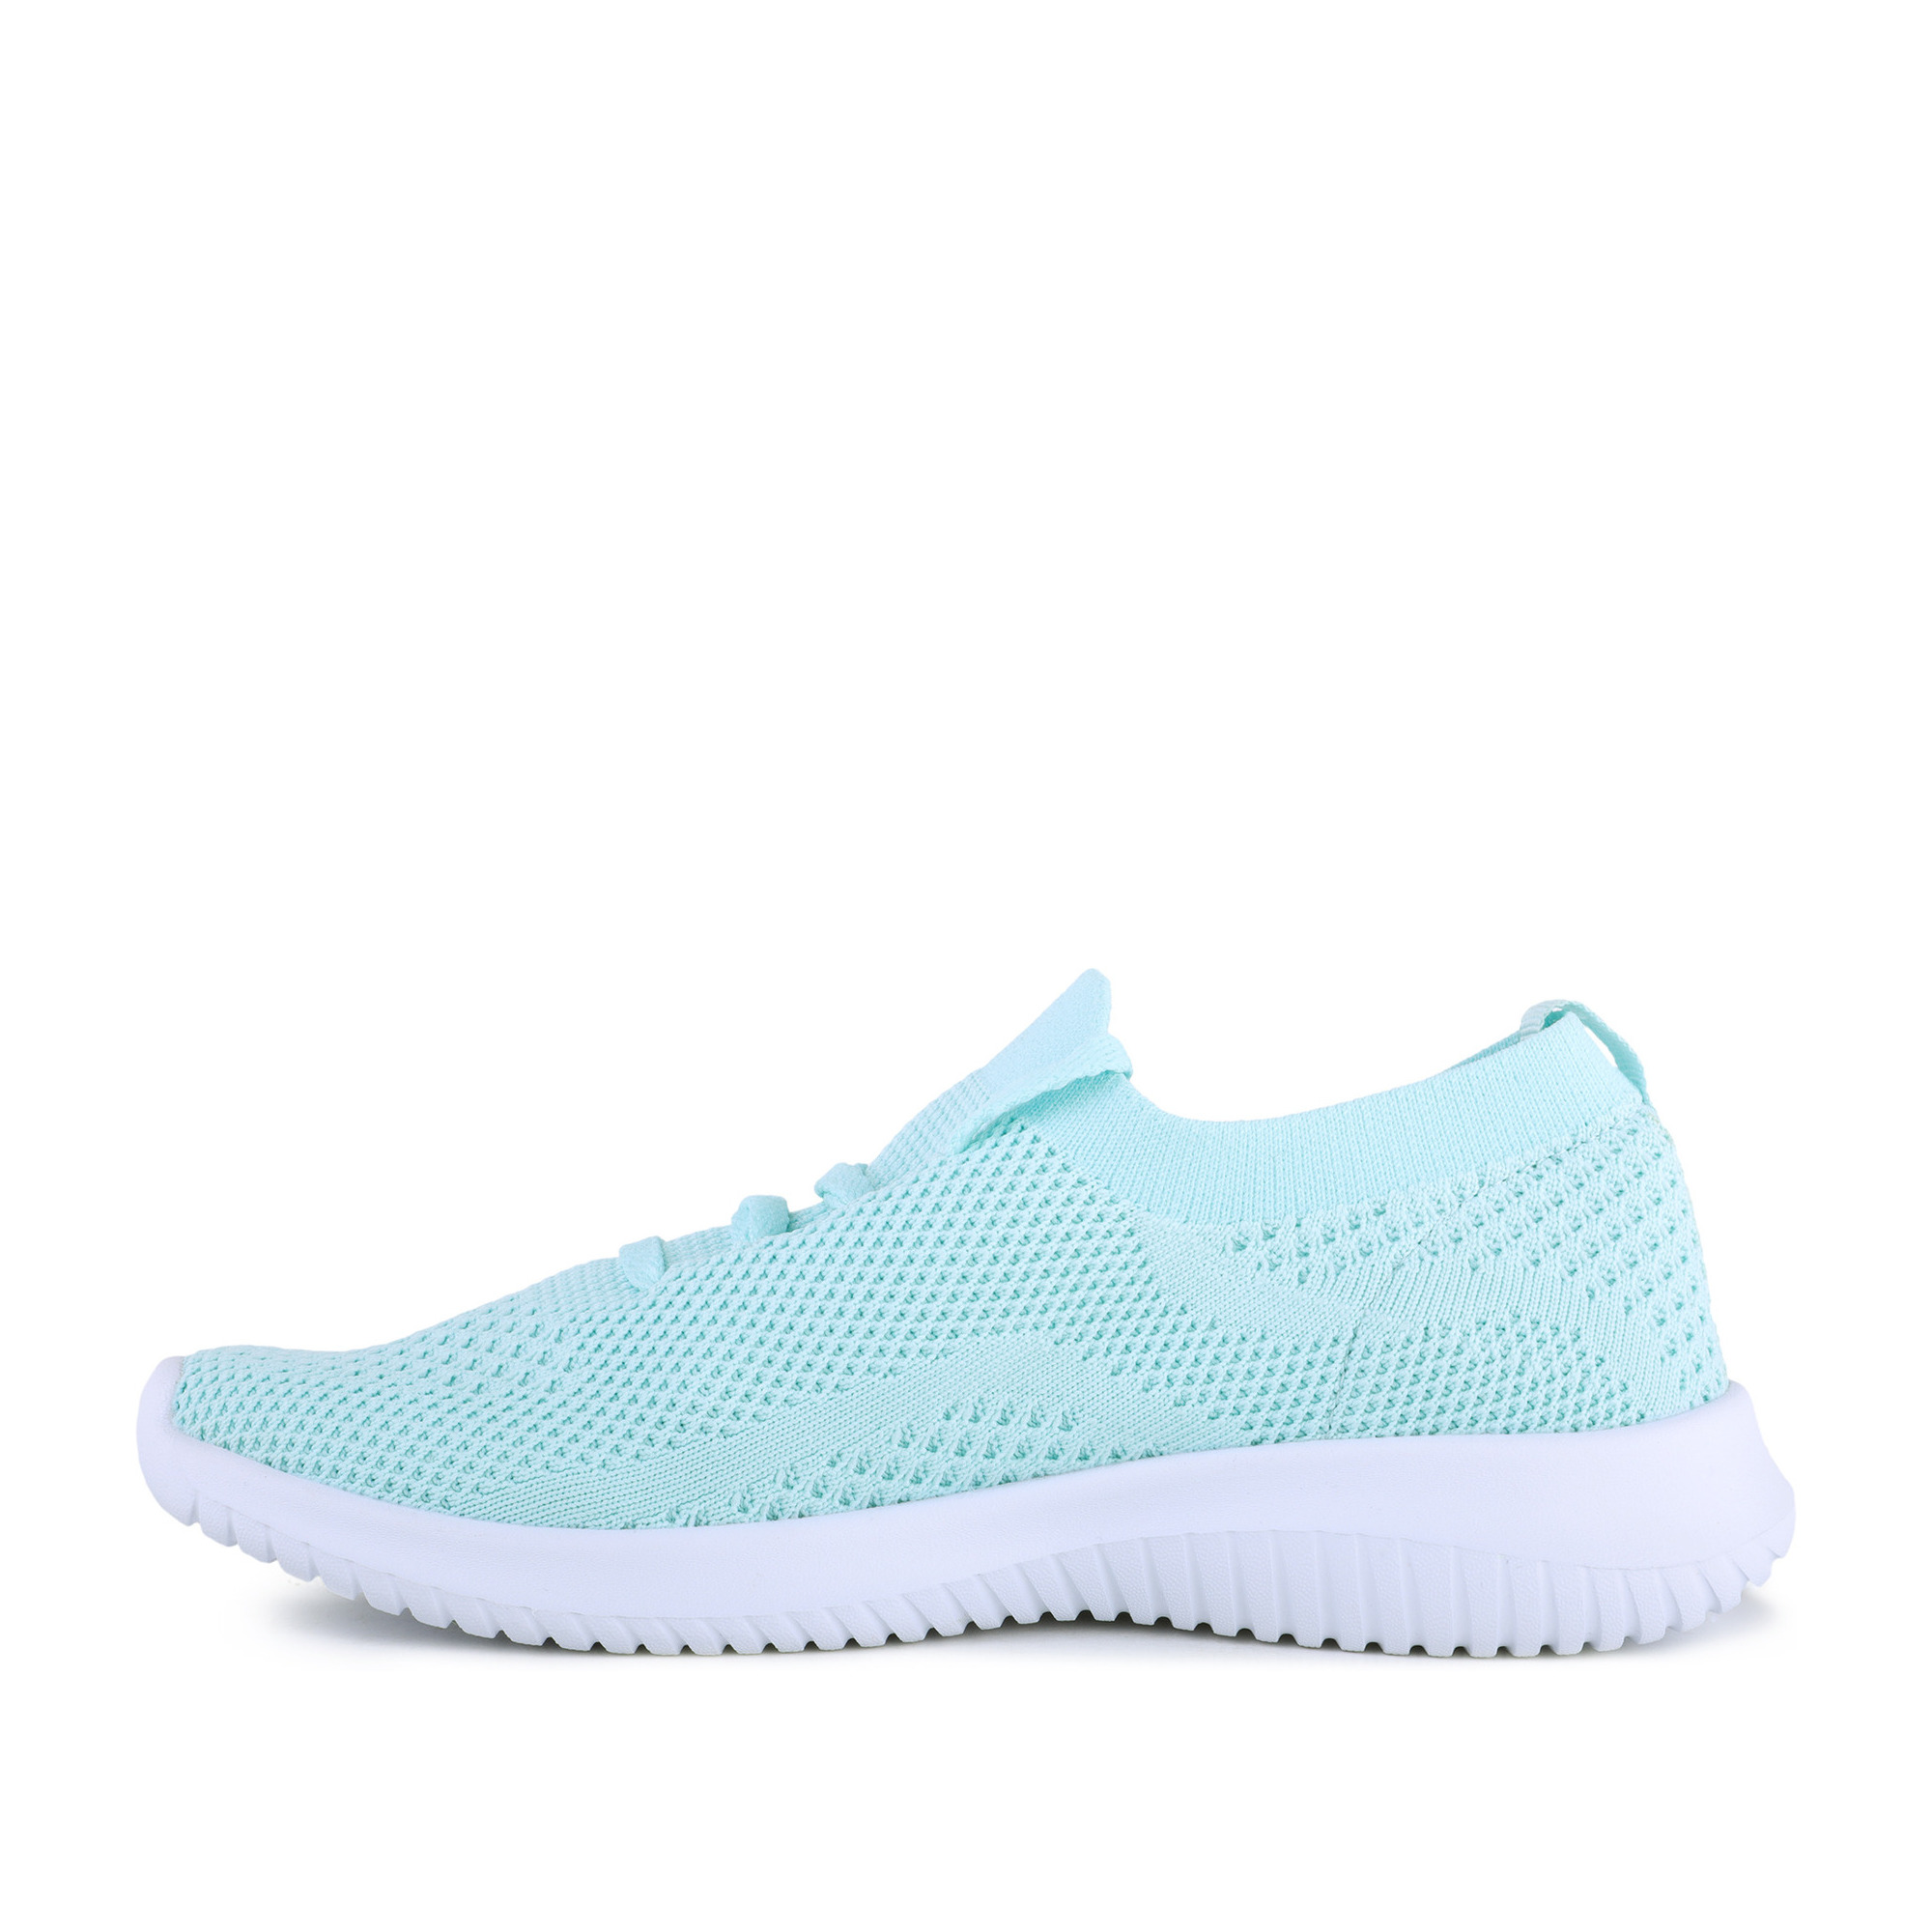 219-01GO-039T, Кроссовки для девочек ZENDEN, цв. голубой, р-р 37,  - купить со скидкой